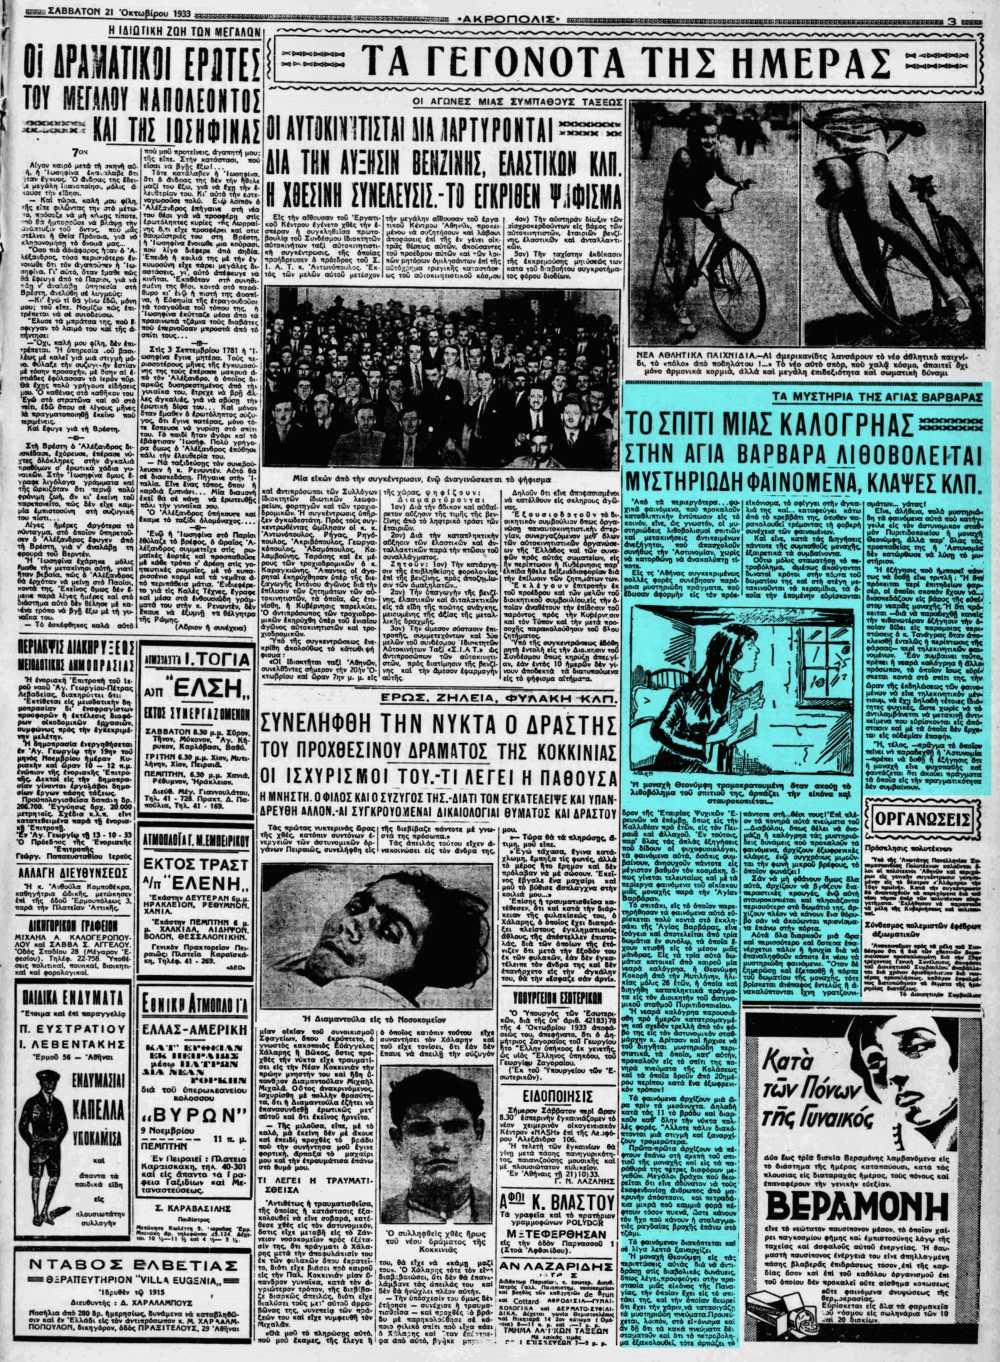 """Το άρθρο, όπως δημοσιεύθηκε στην εφημερίδα """"ΑΚΡΟΠΟΛΙΣ"""", στις 21/10/1933"""